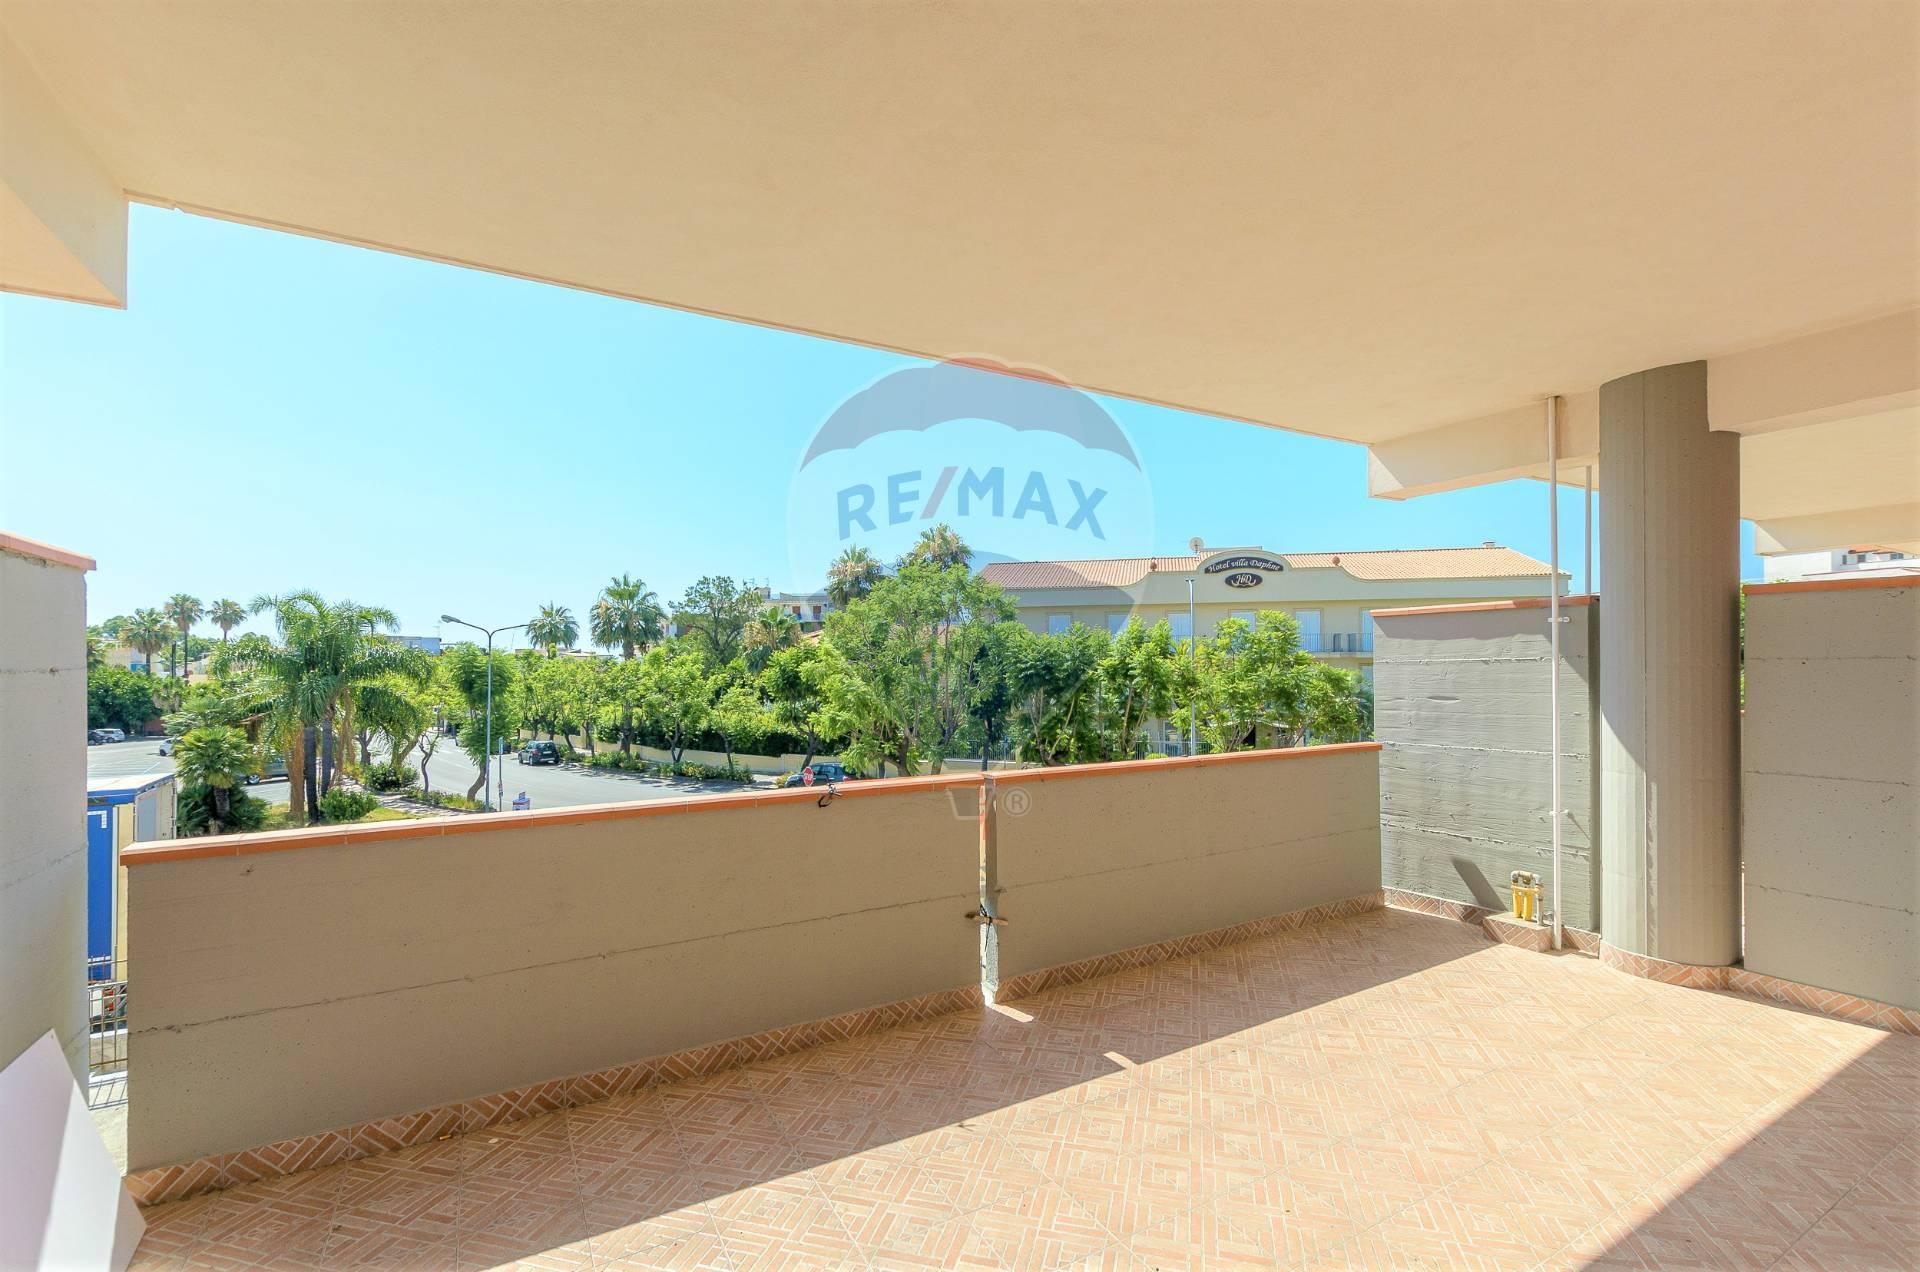 Appartamento in vendita a Giardini-Naxos, 5 locali, zona Zona: Giardini, prezzo € 200.000 | CambioCasa.it